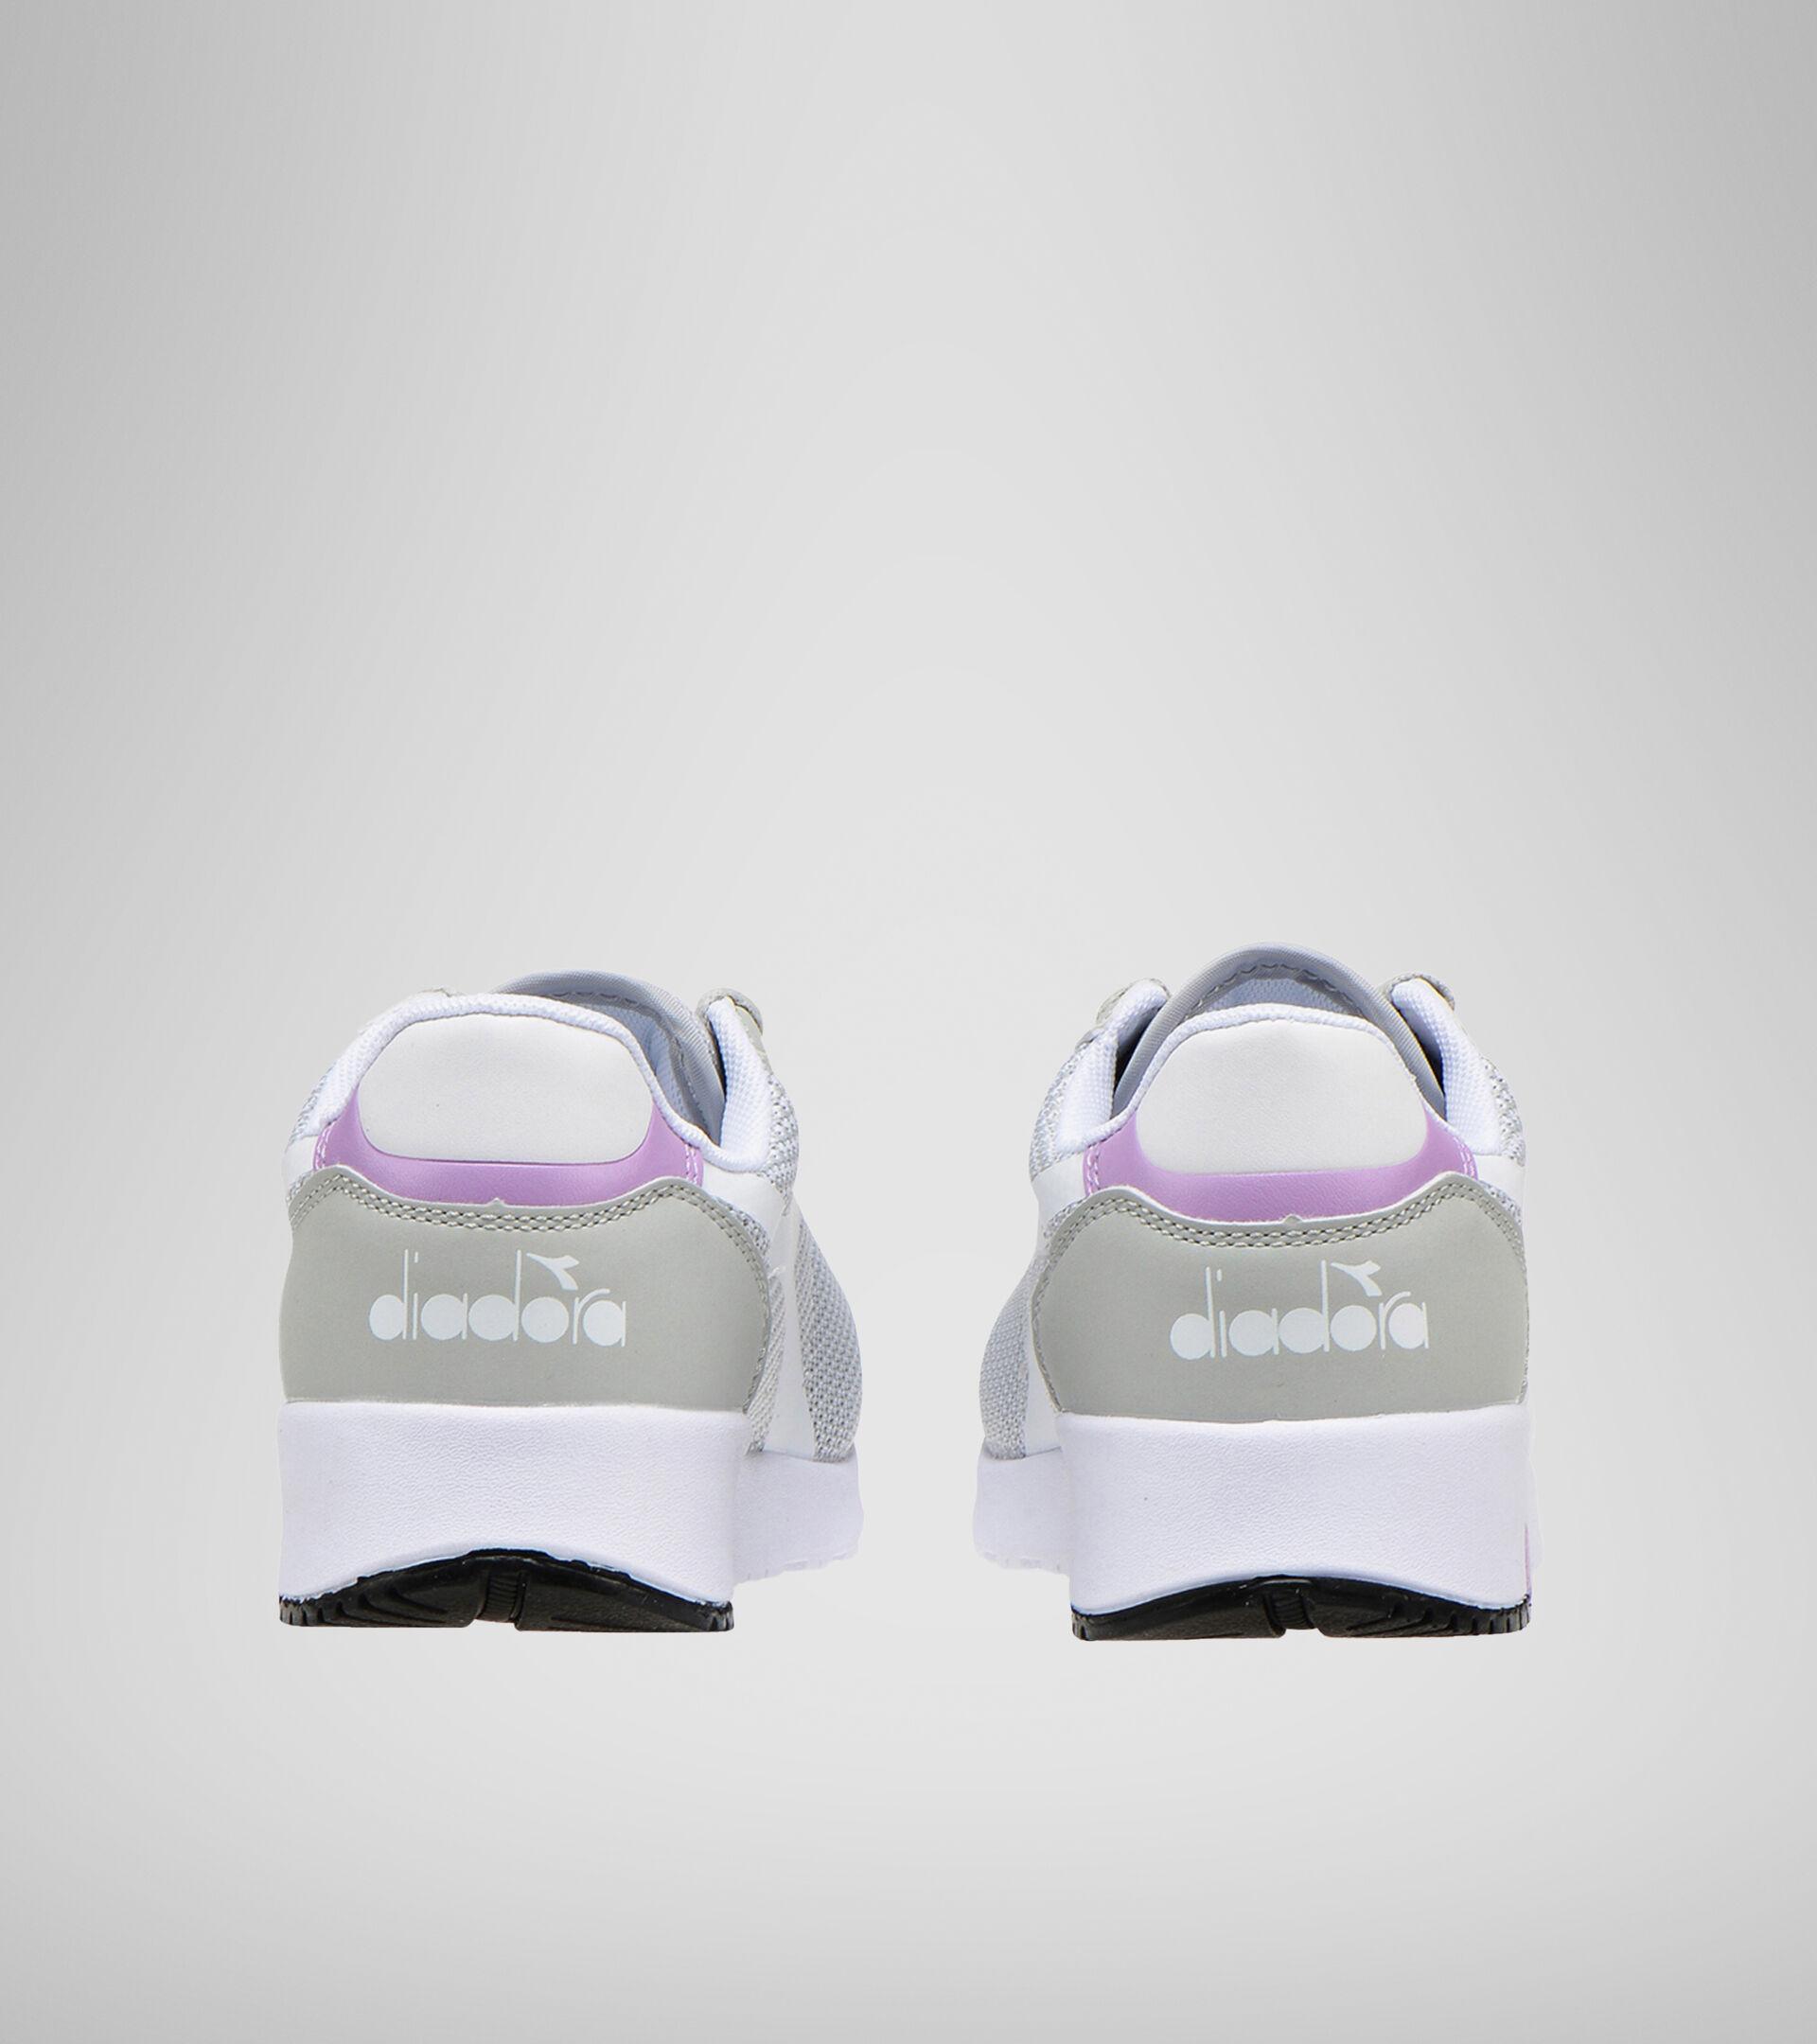 Footwear Sport BAMBINO EVO RUN GS GRIS VIOLETA Diadora